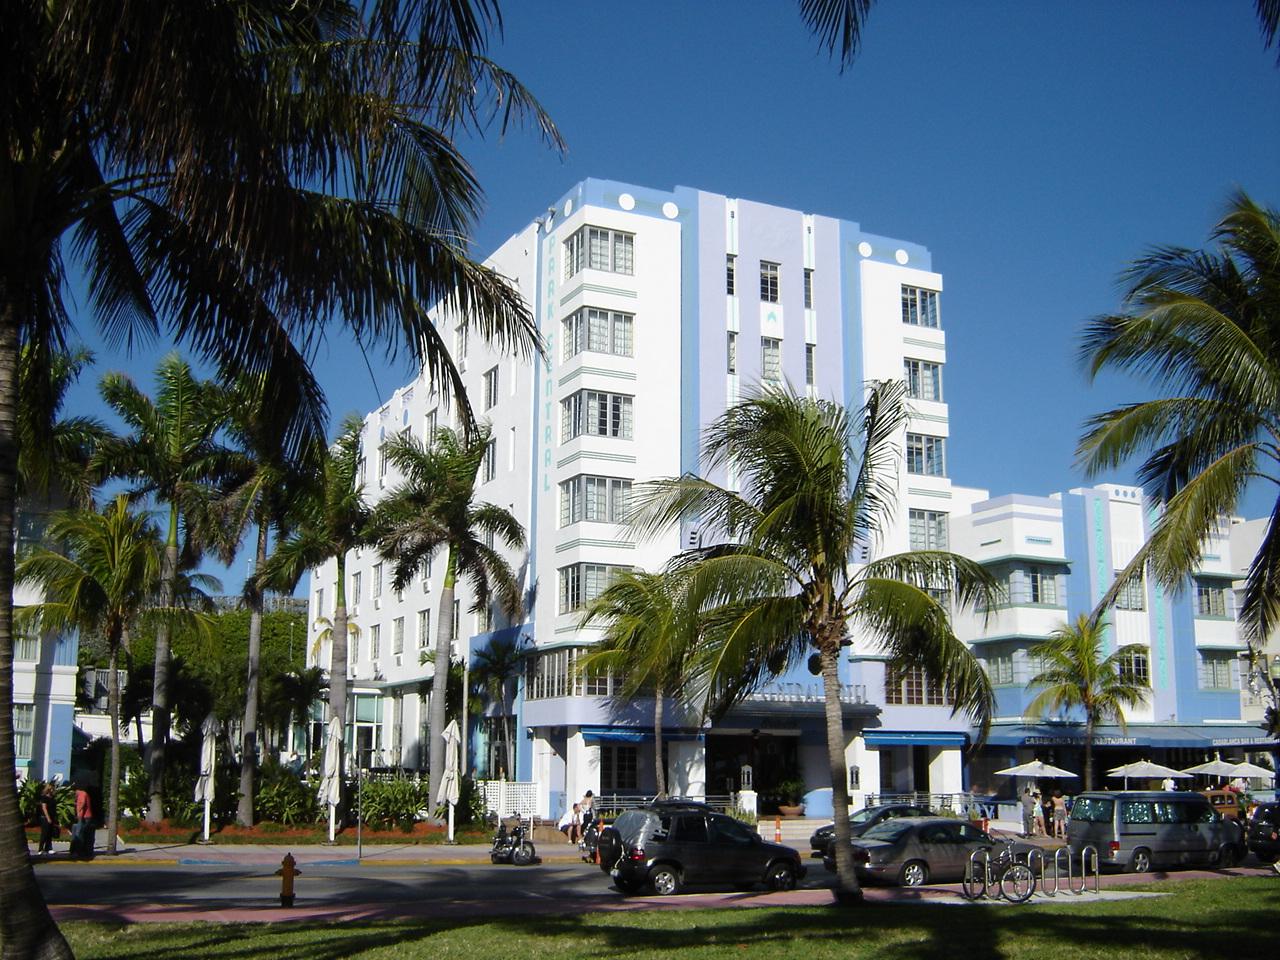 Florida, Miami